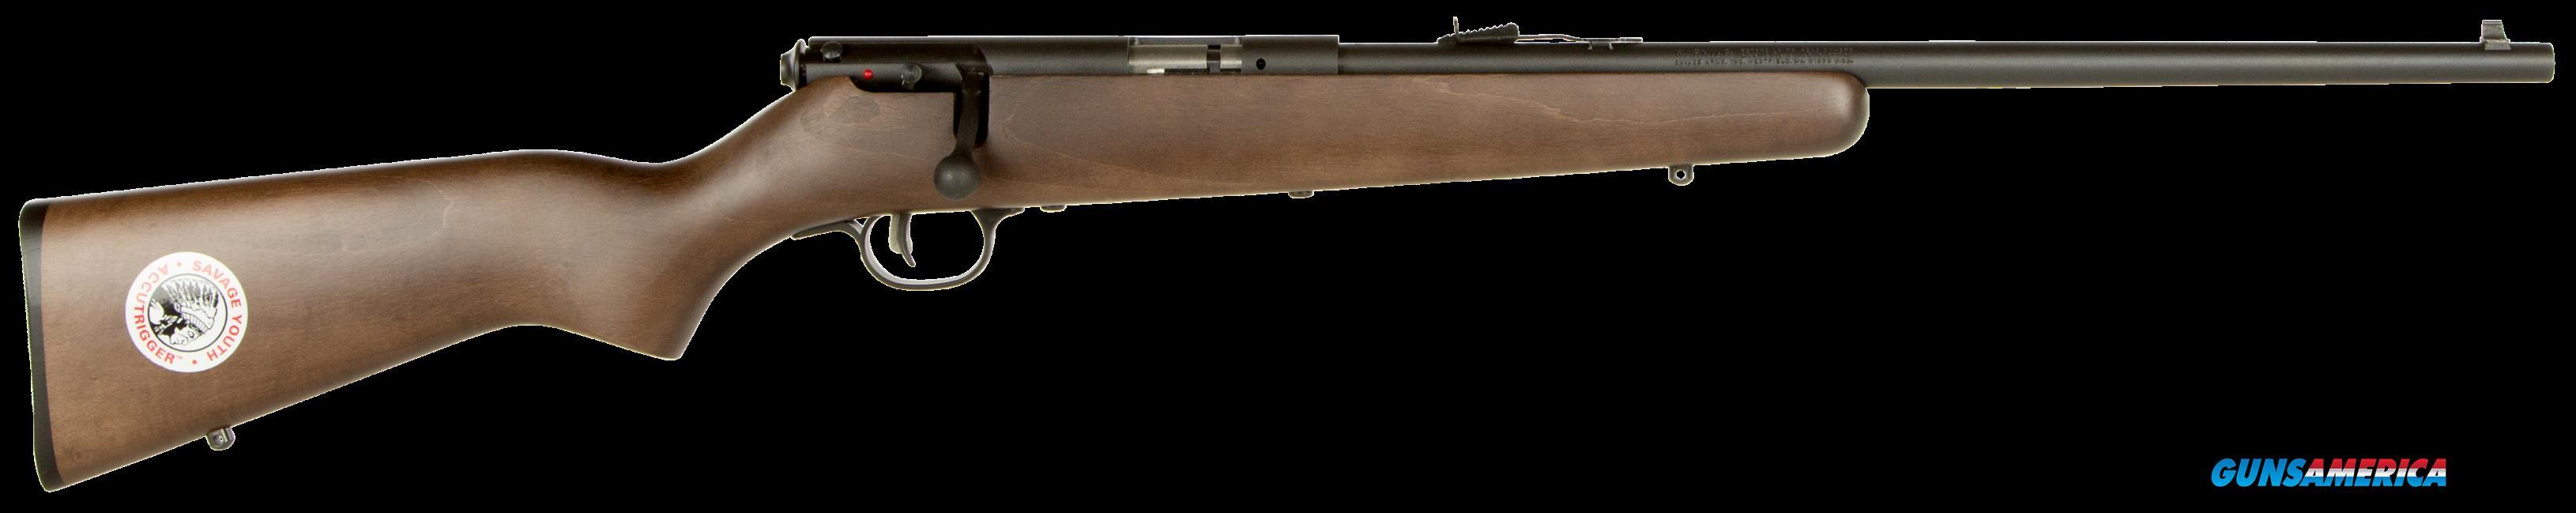 Savage Mark I, Sav 60702 Mkigy  Yth 22s-l-lr S-s At  Guns > Pistols > 1911 Pistol Copies (non-Colt)